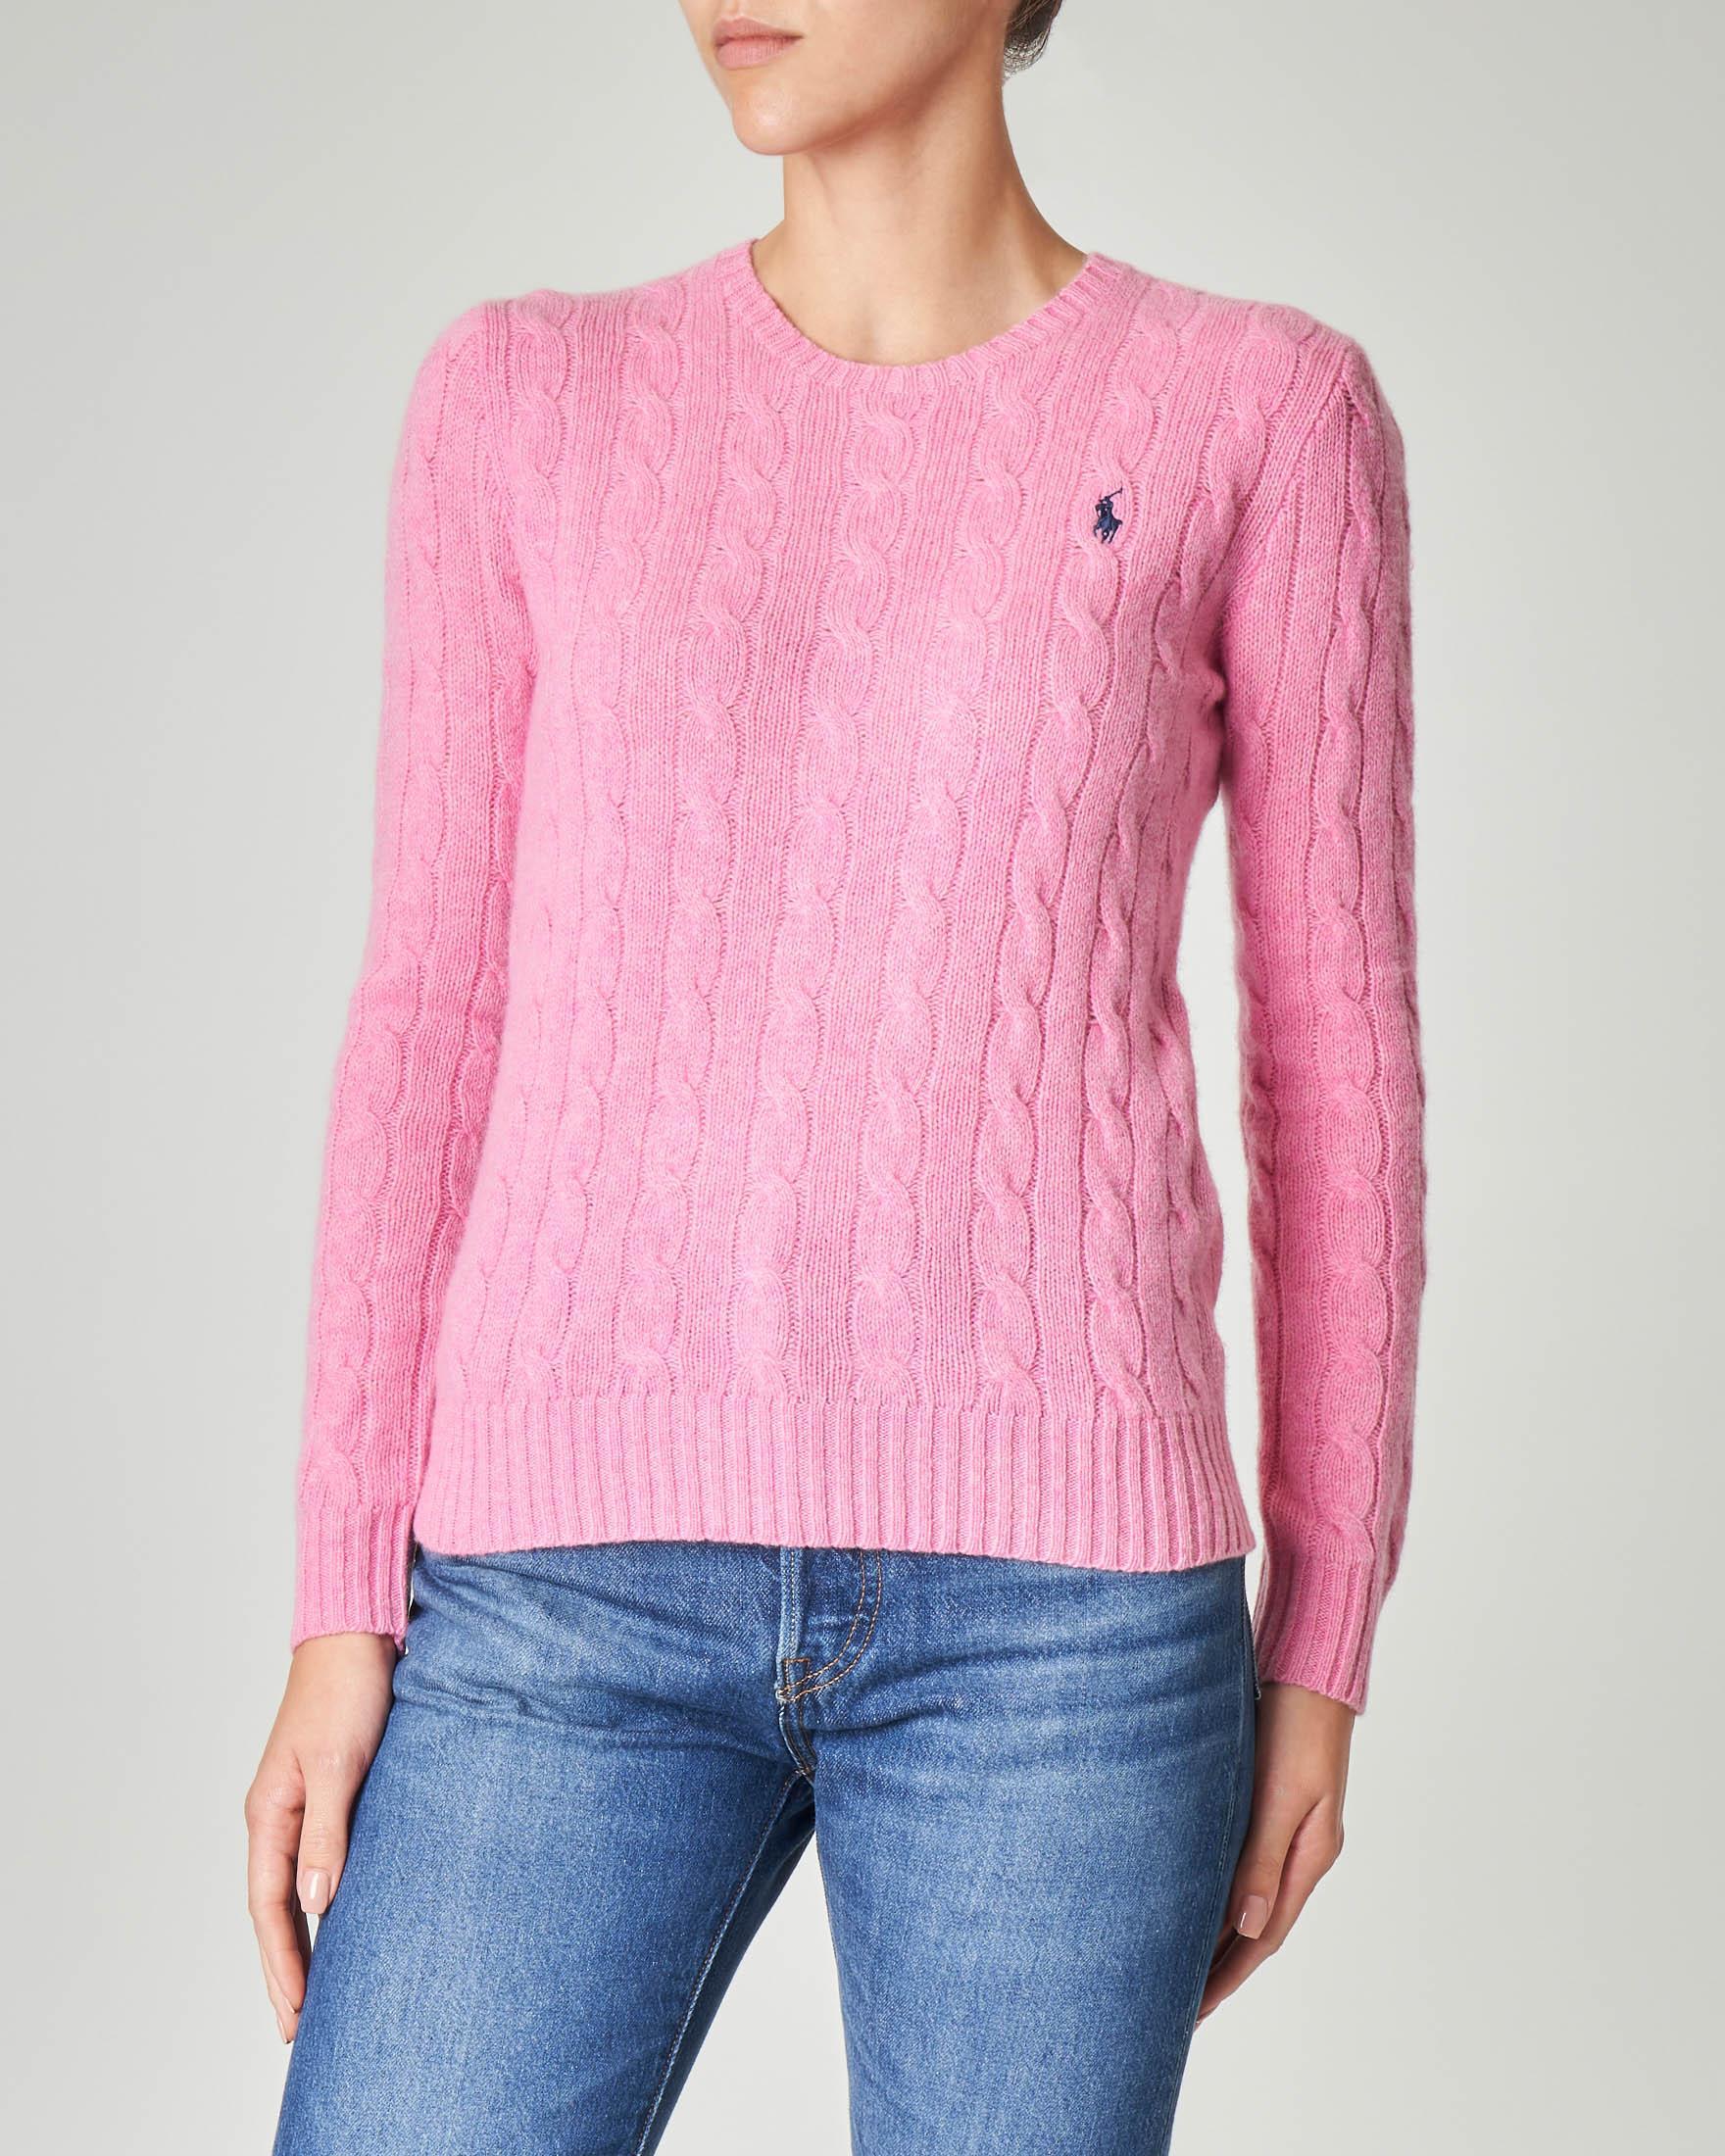 Maglia rosa in lana misto cashmere a trecce